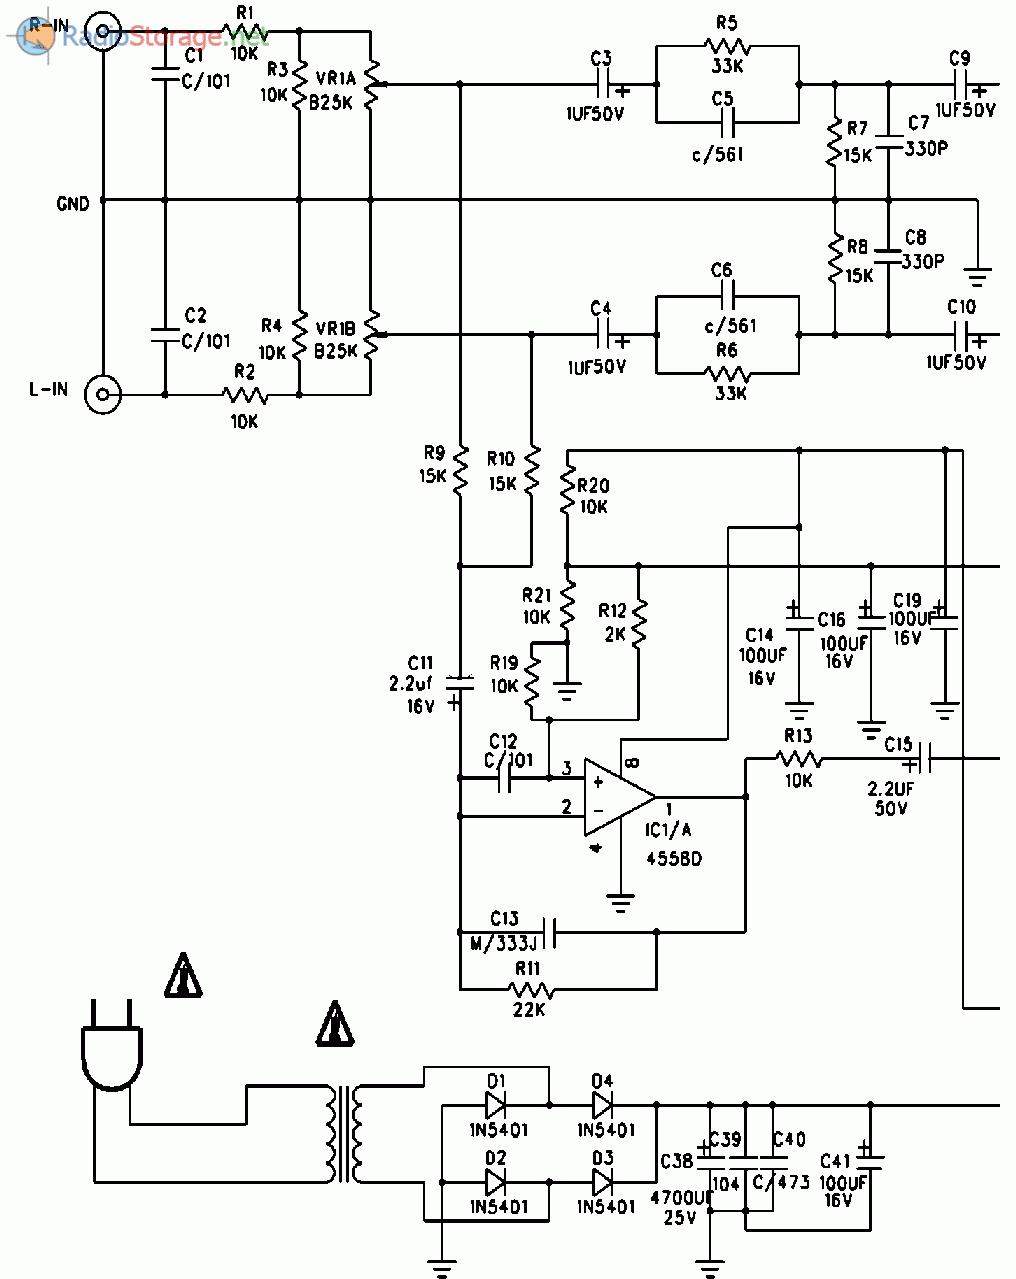 Как сделать скрин на клаве компа 434